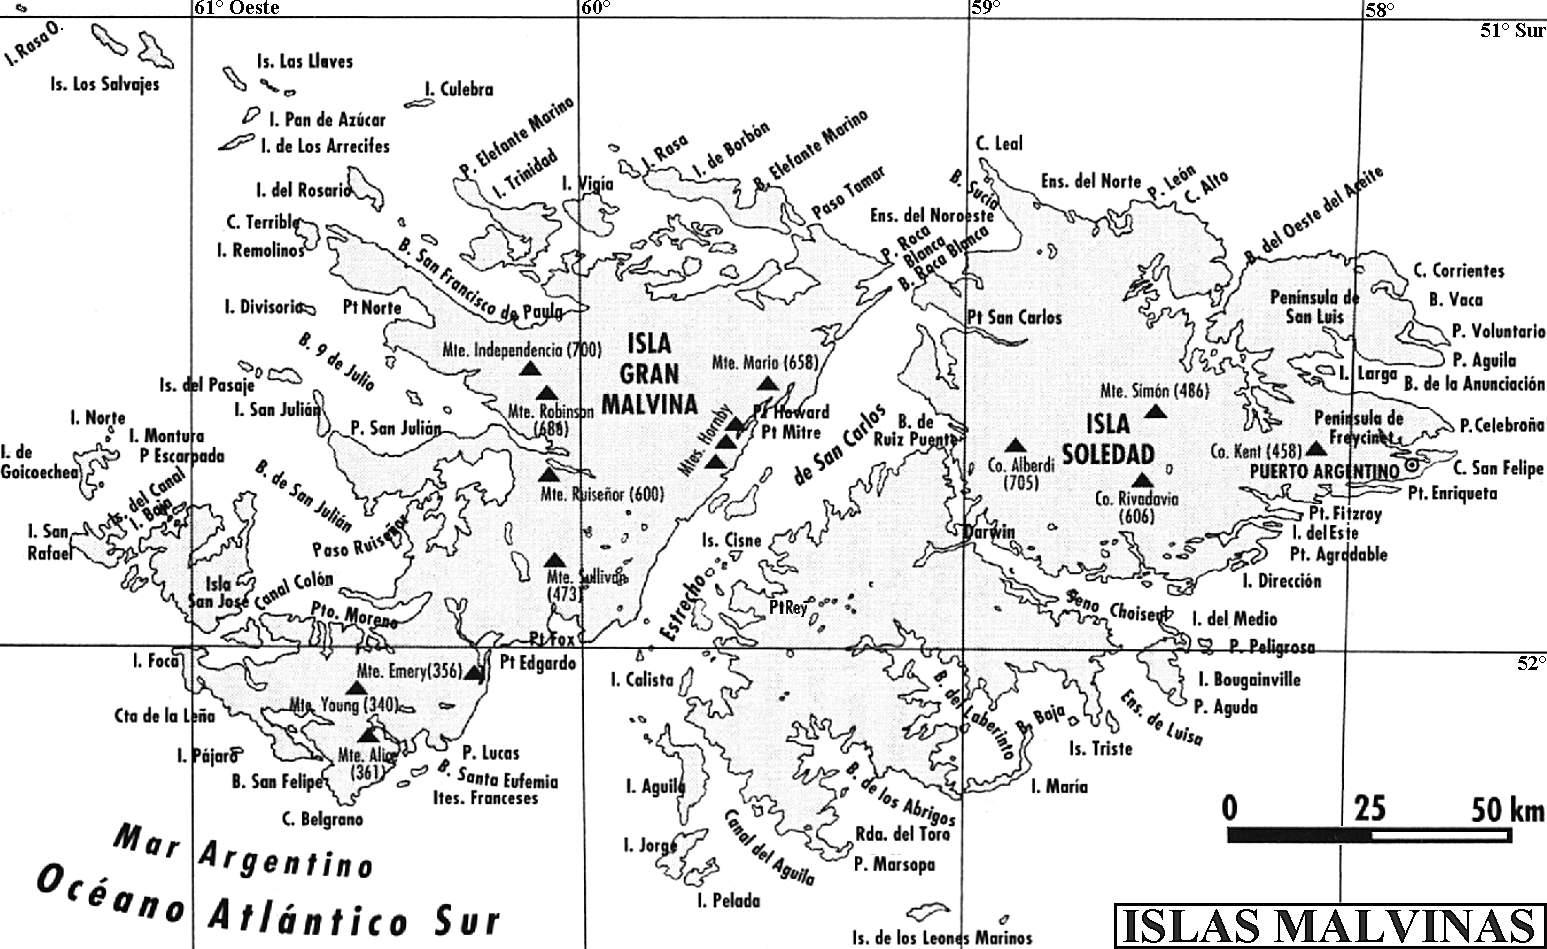 2009 mayo  PARA JEFATURAS REGIONALES Y DISTRITALES